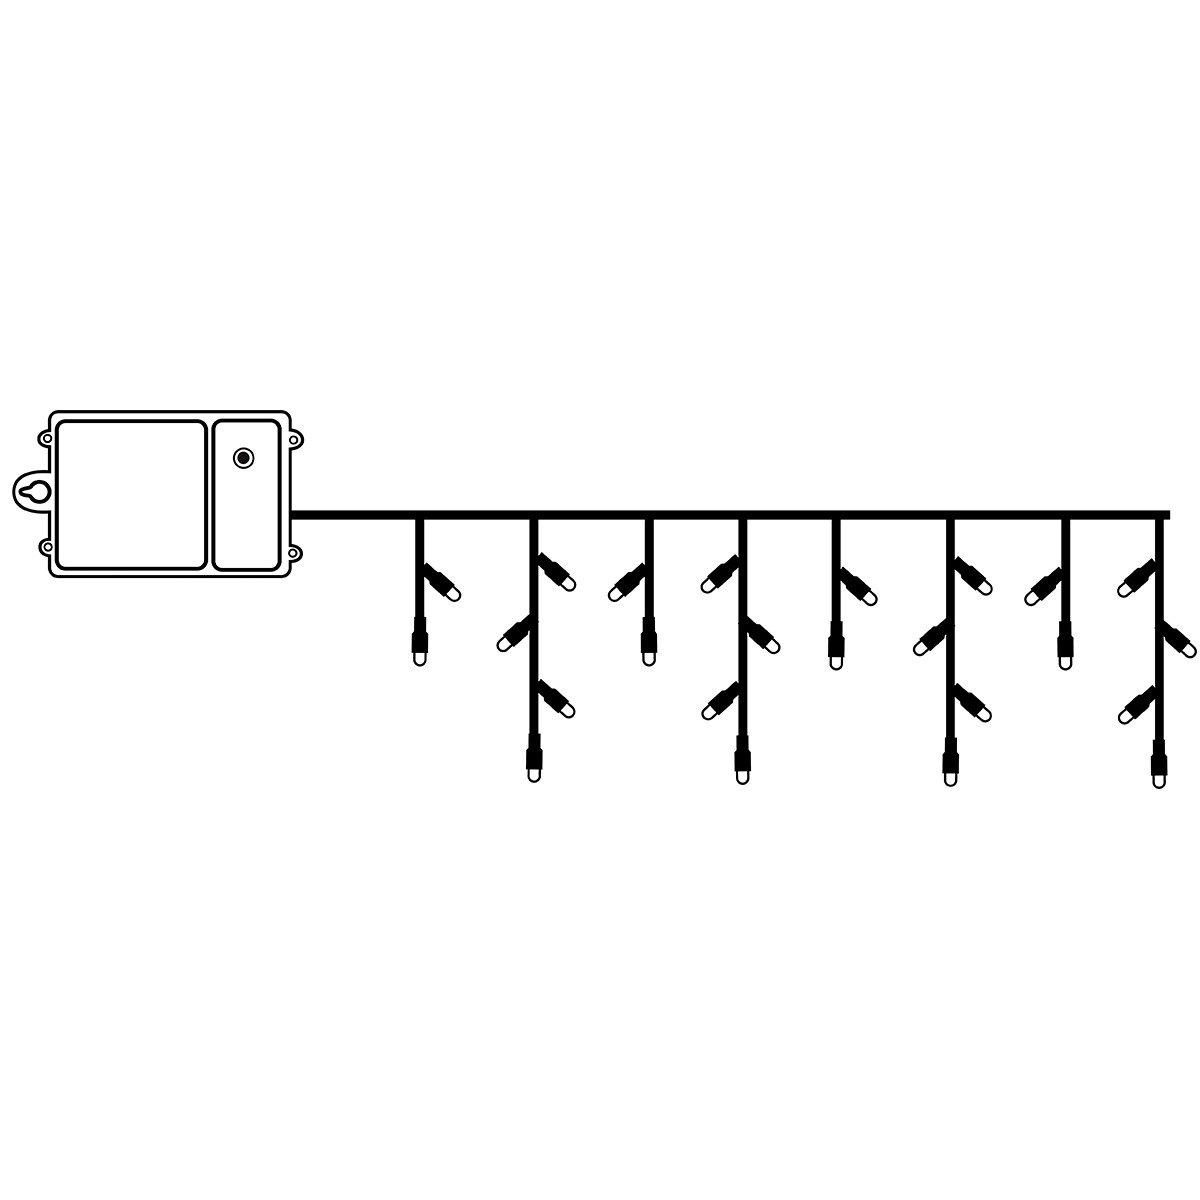 Batterie-LED Eiszapfenvorhang 120 LEDs | #2